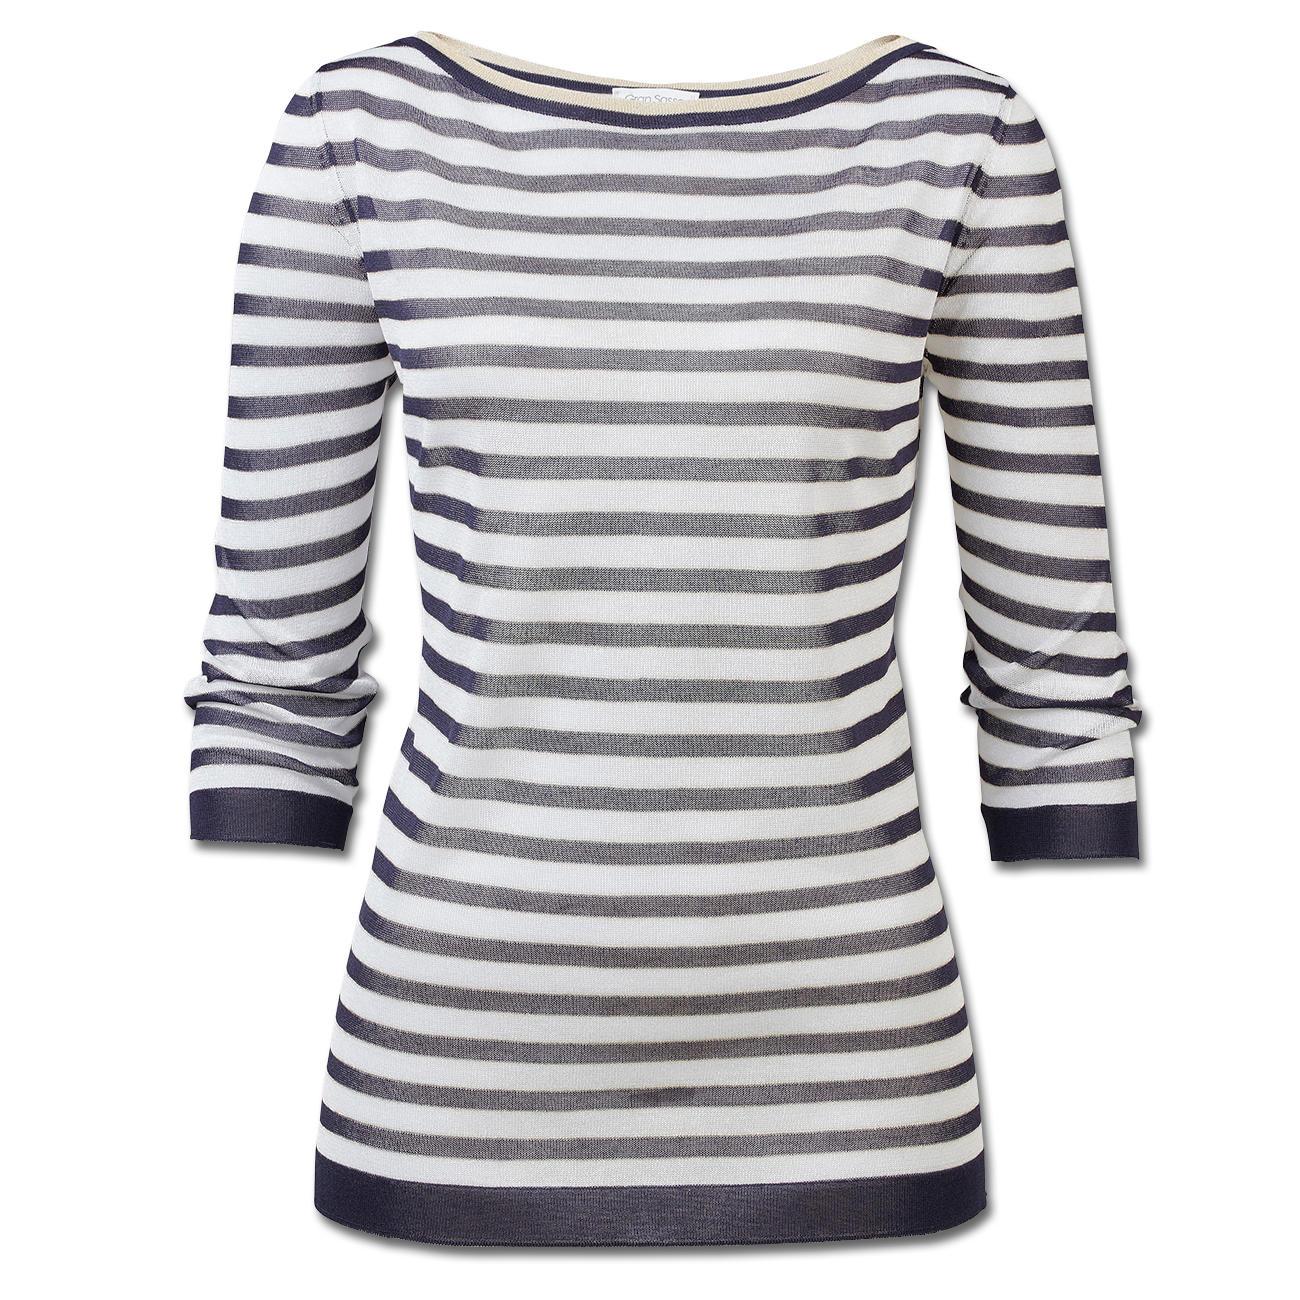 Gran Sasso Modern-Maritim-Pullover, 42 - Marine/Weiß/Gold :: Blau/Weiß - 42 -  - Erwachsene